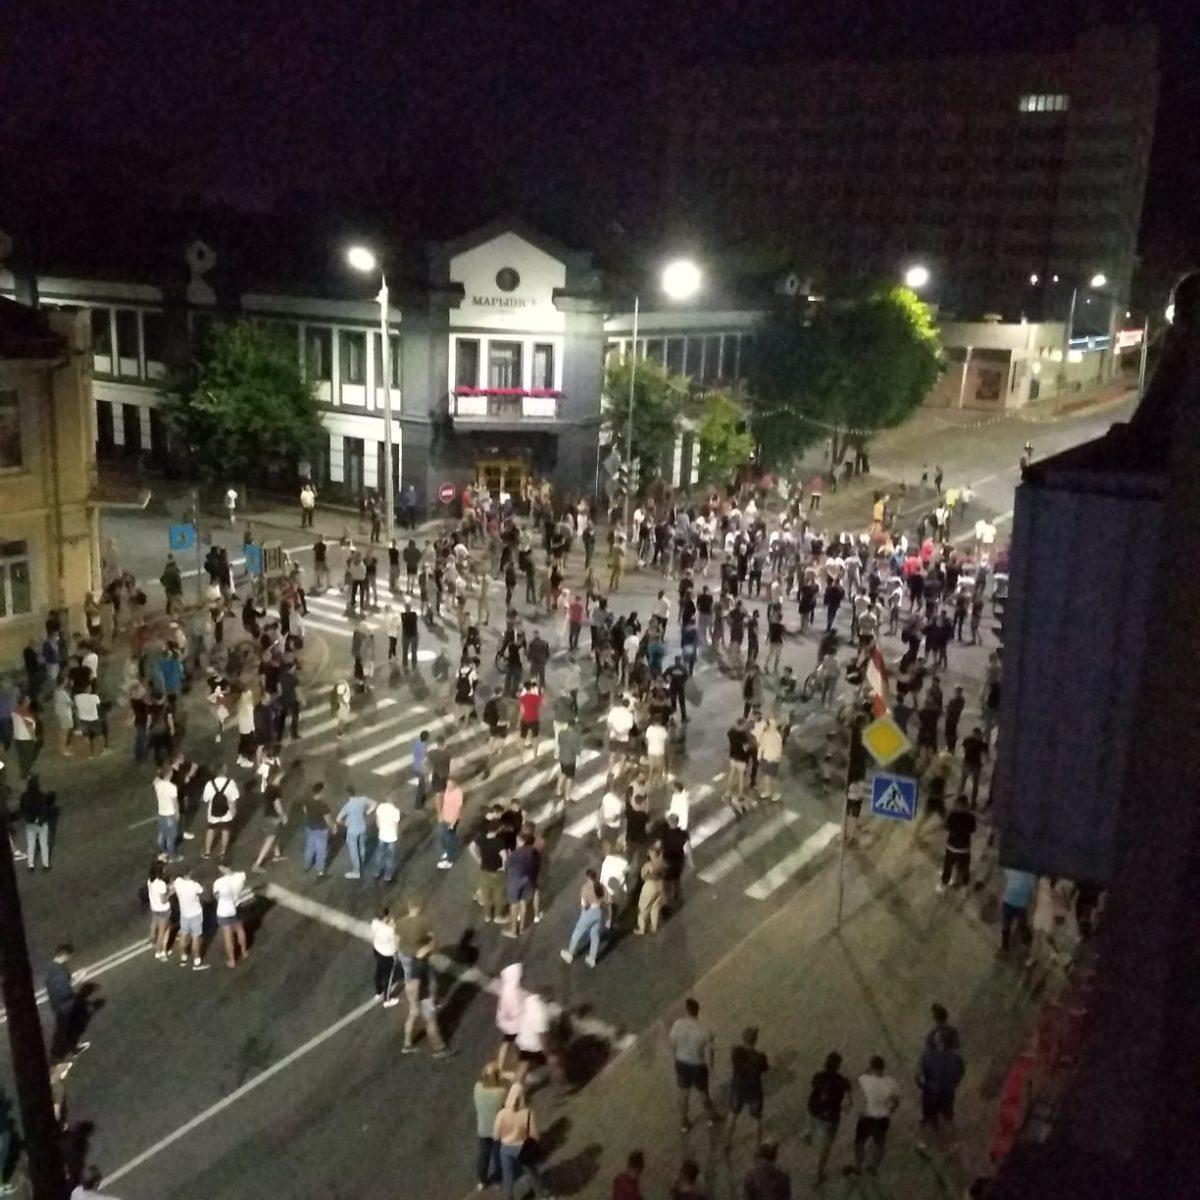 Протесты в Барановичах 10.08.2020. Фото: читатель Intex-press